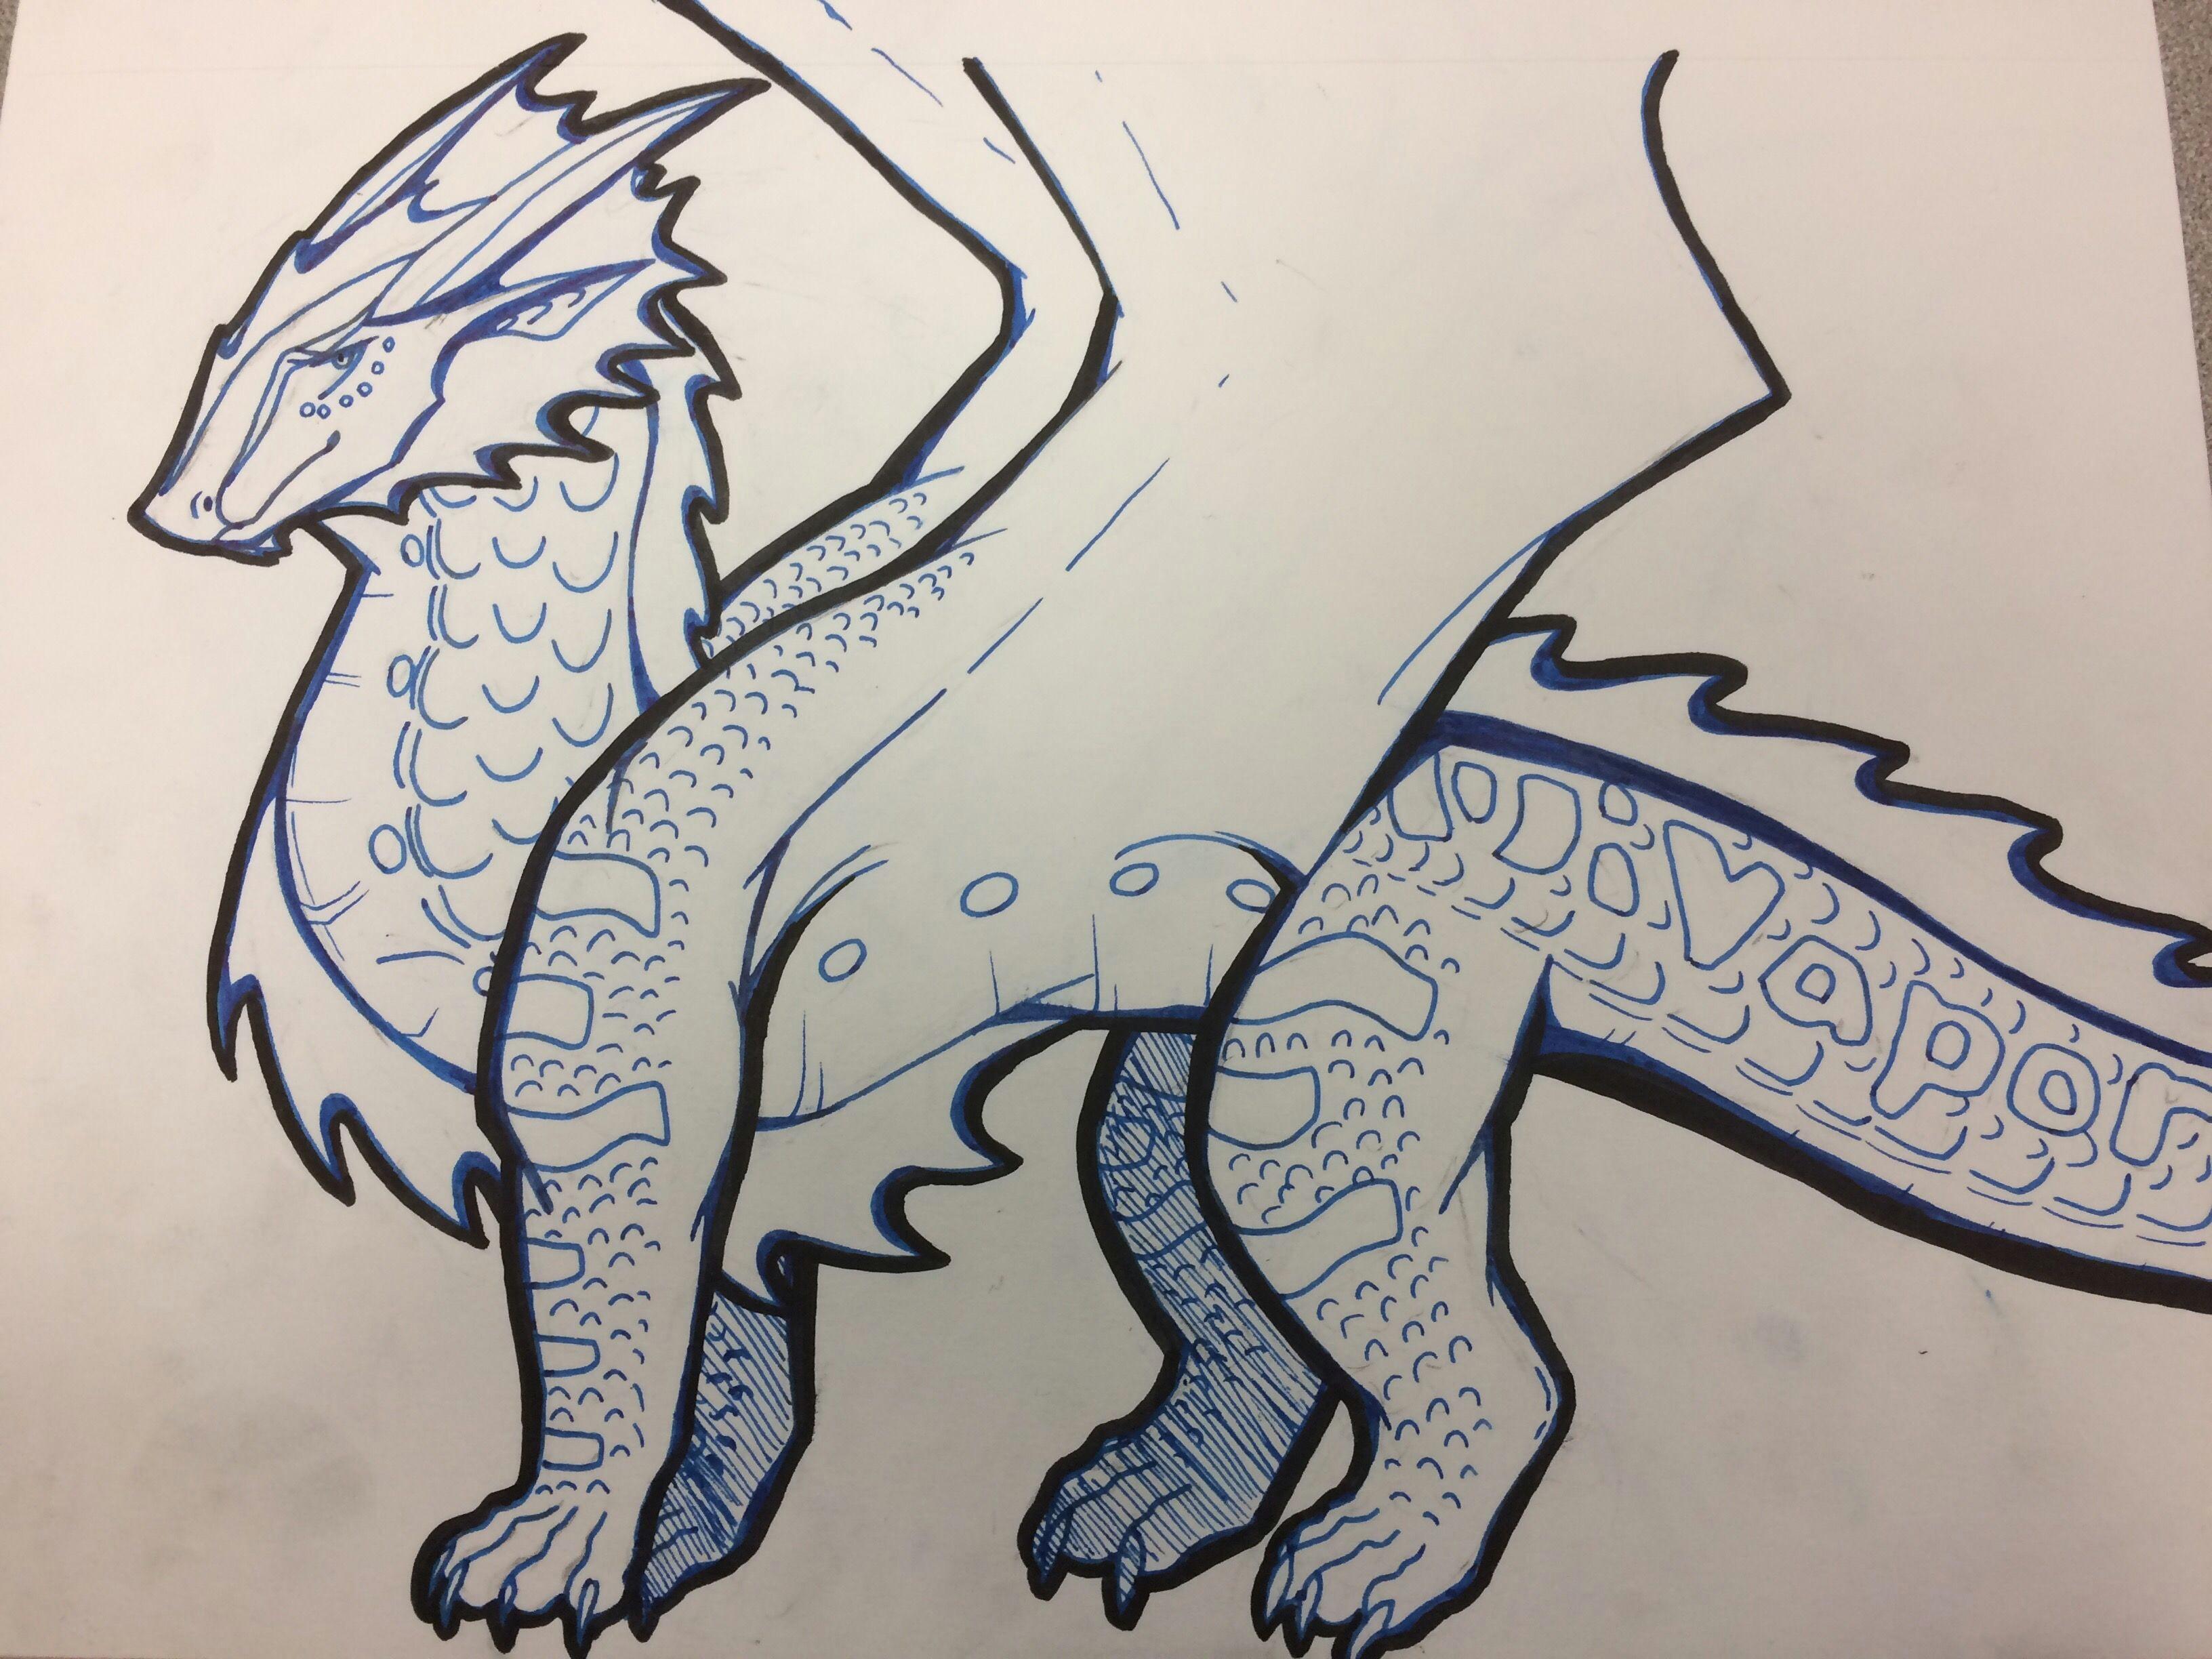 wings of fire fabelwesen coole kunst beast wolf drachen